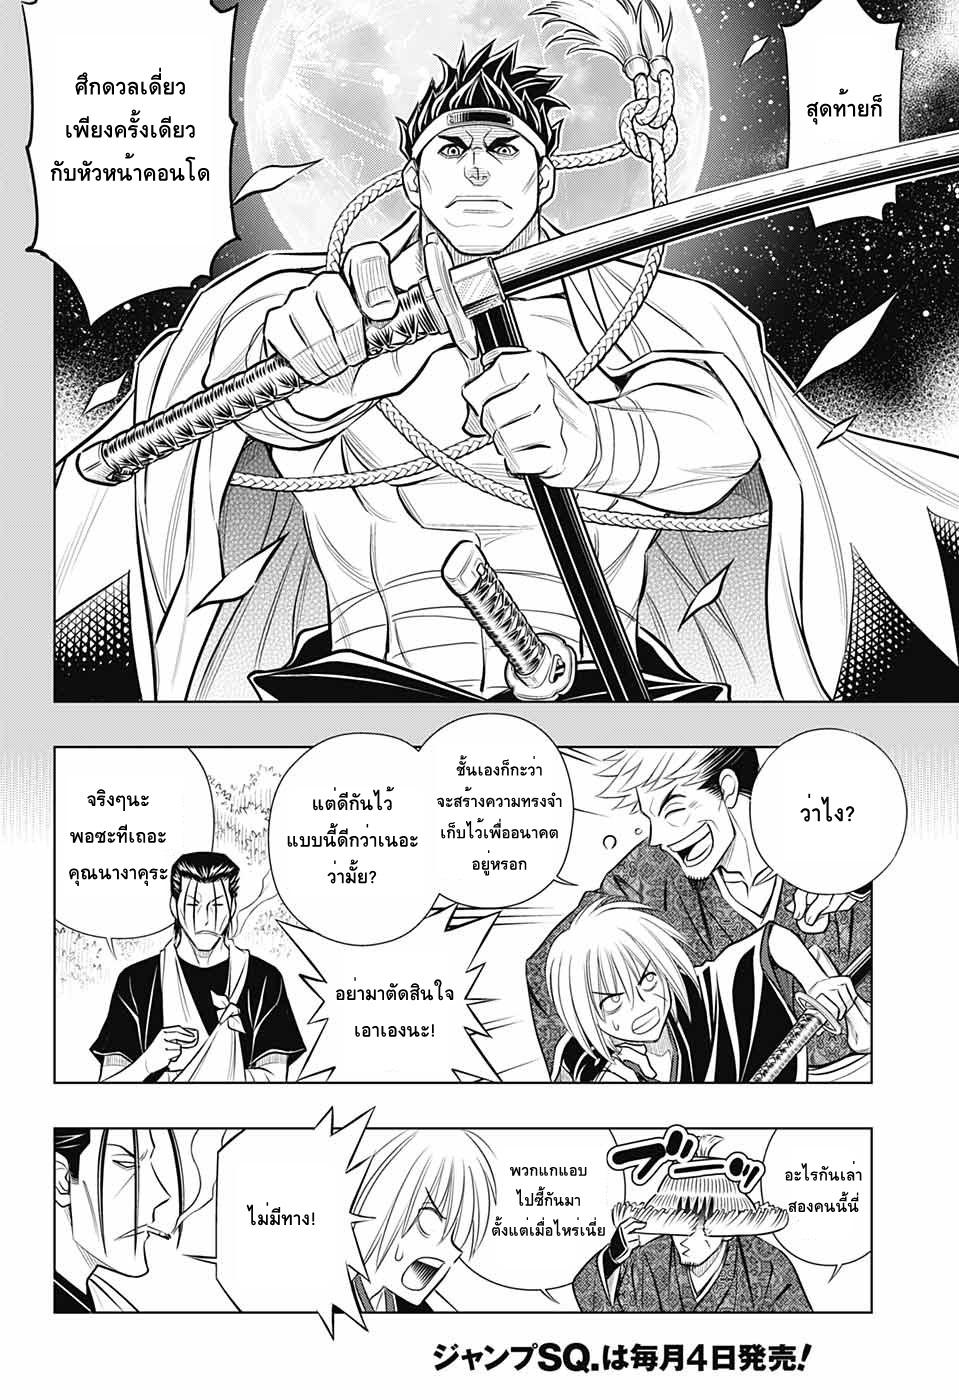 อ่านการ์ตูน Rurouni Kenshin: Hokkaido Arc ตอนที่ 15 หน้าที่ 13